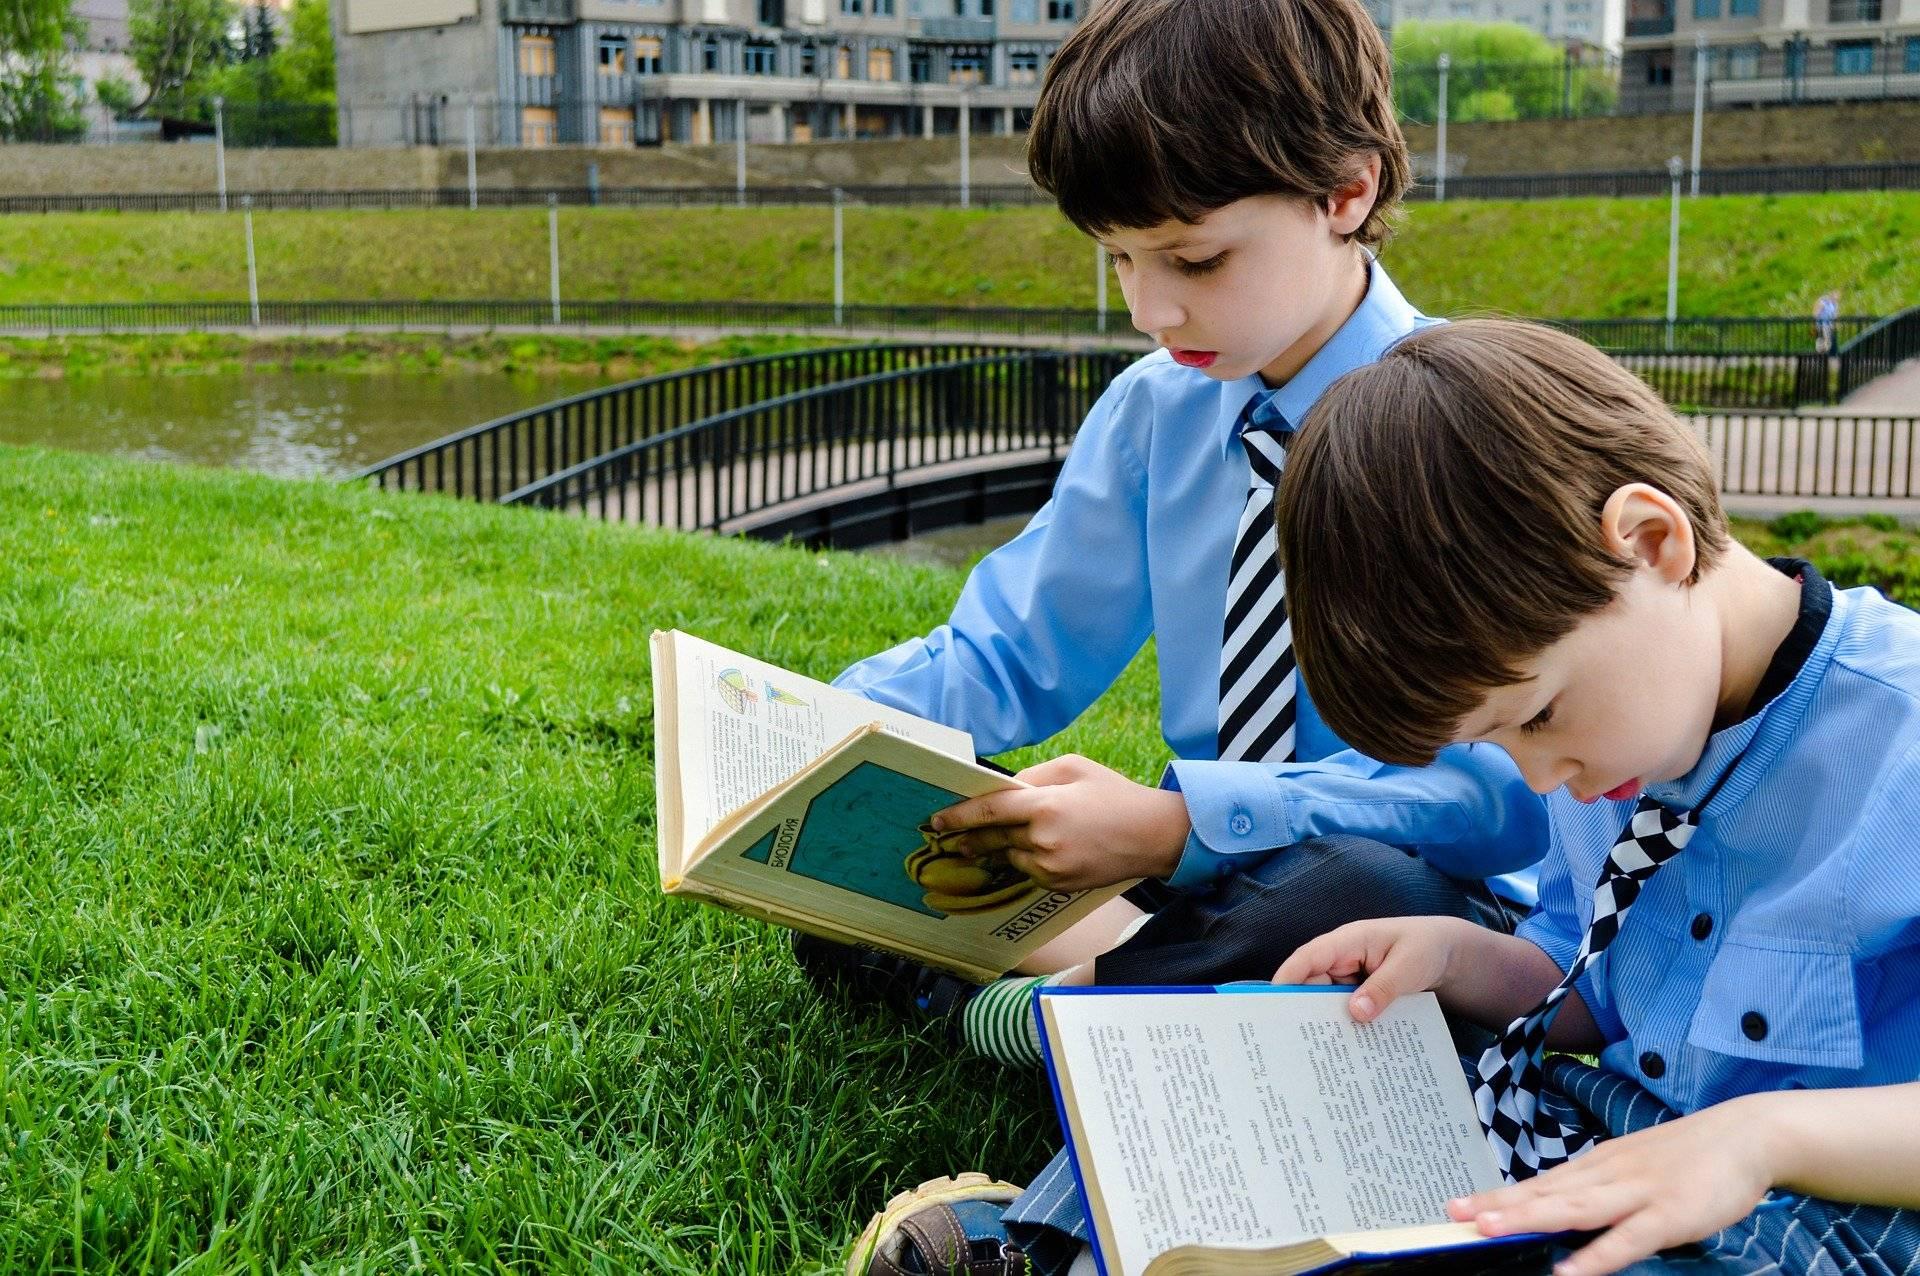 Développer l'accès des enfants et des jeunes au livre grâce au CNL